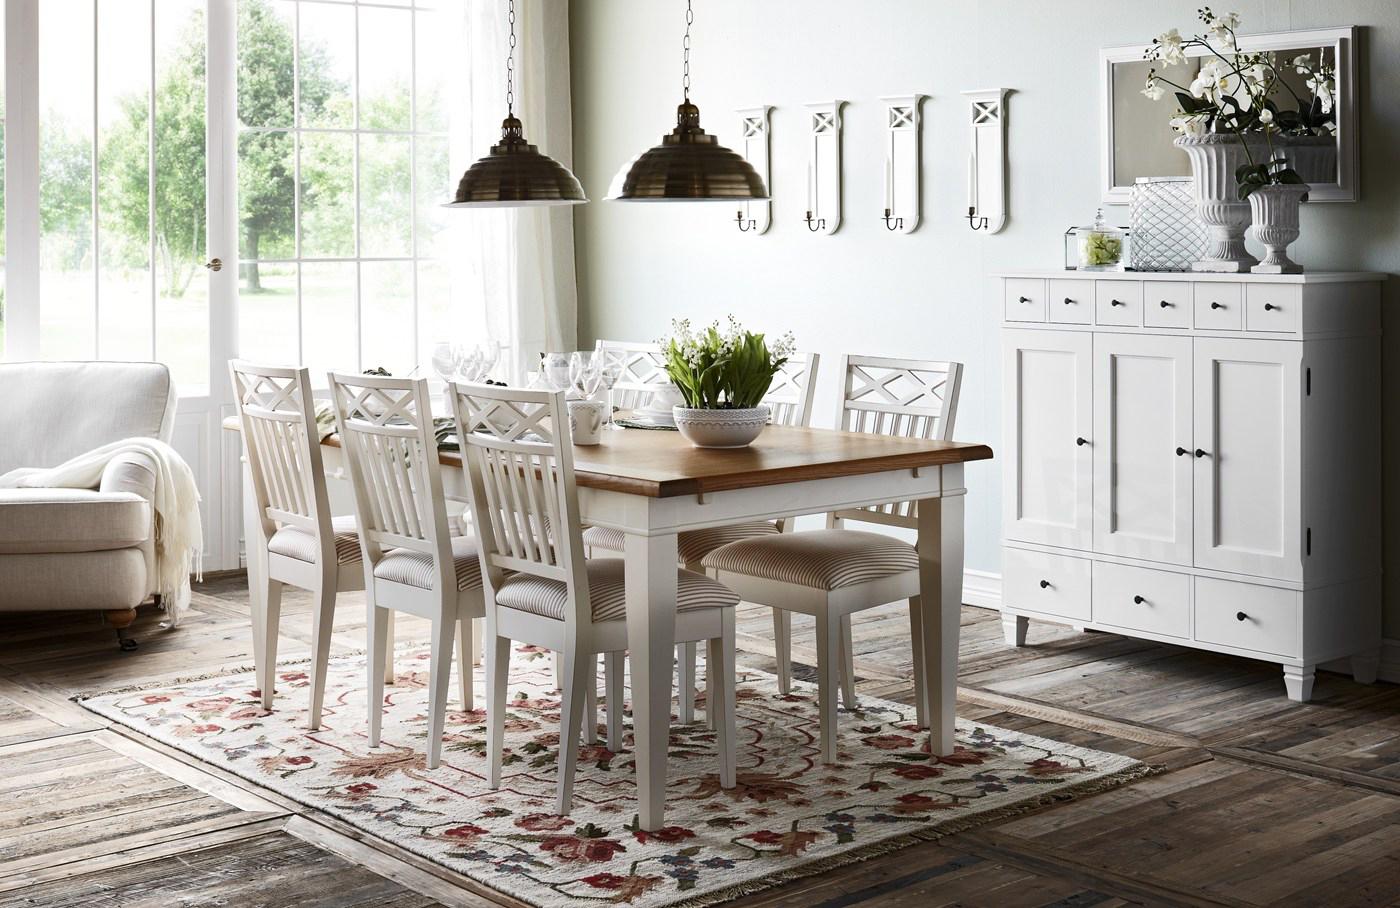 Ruokailutilan kalusteet, Kruunukaluste: Lundbergs Möbler Wilma ruokapöytä, astiakaappi ja tuolit